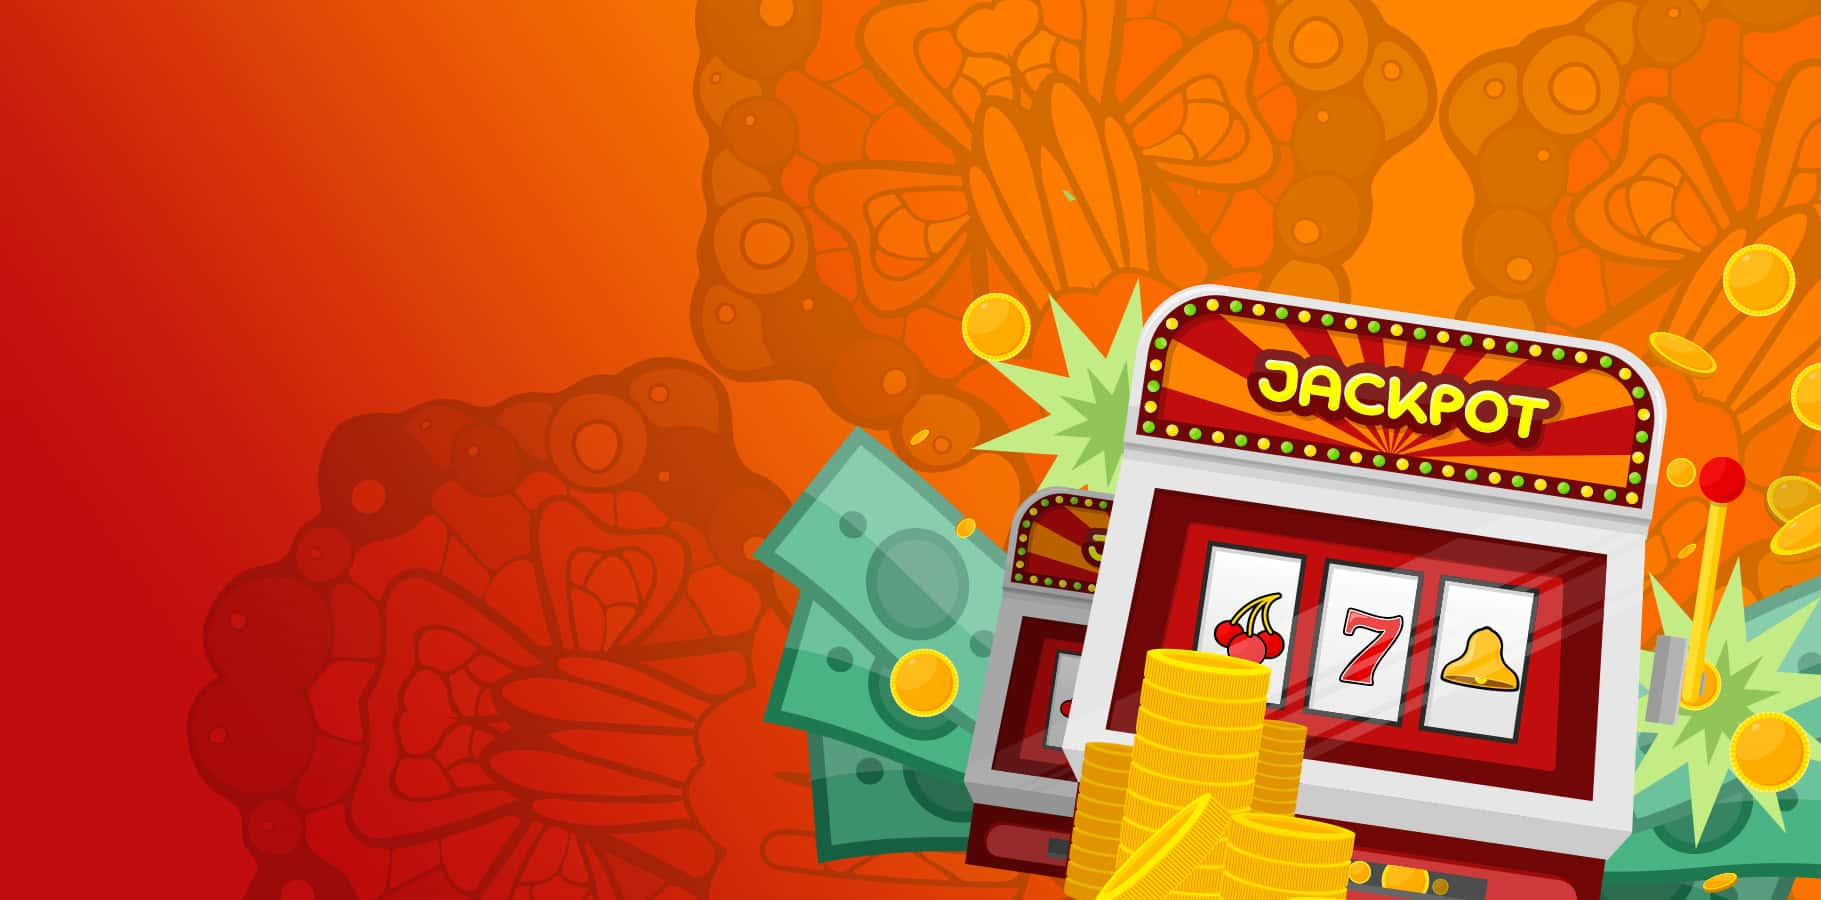 Loto quebec online casino